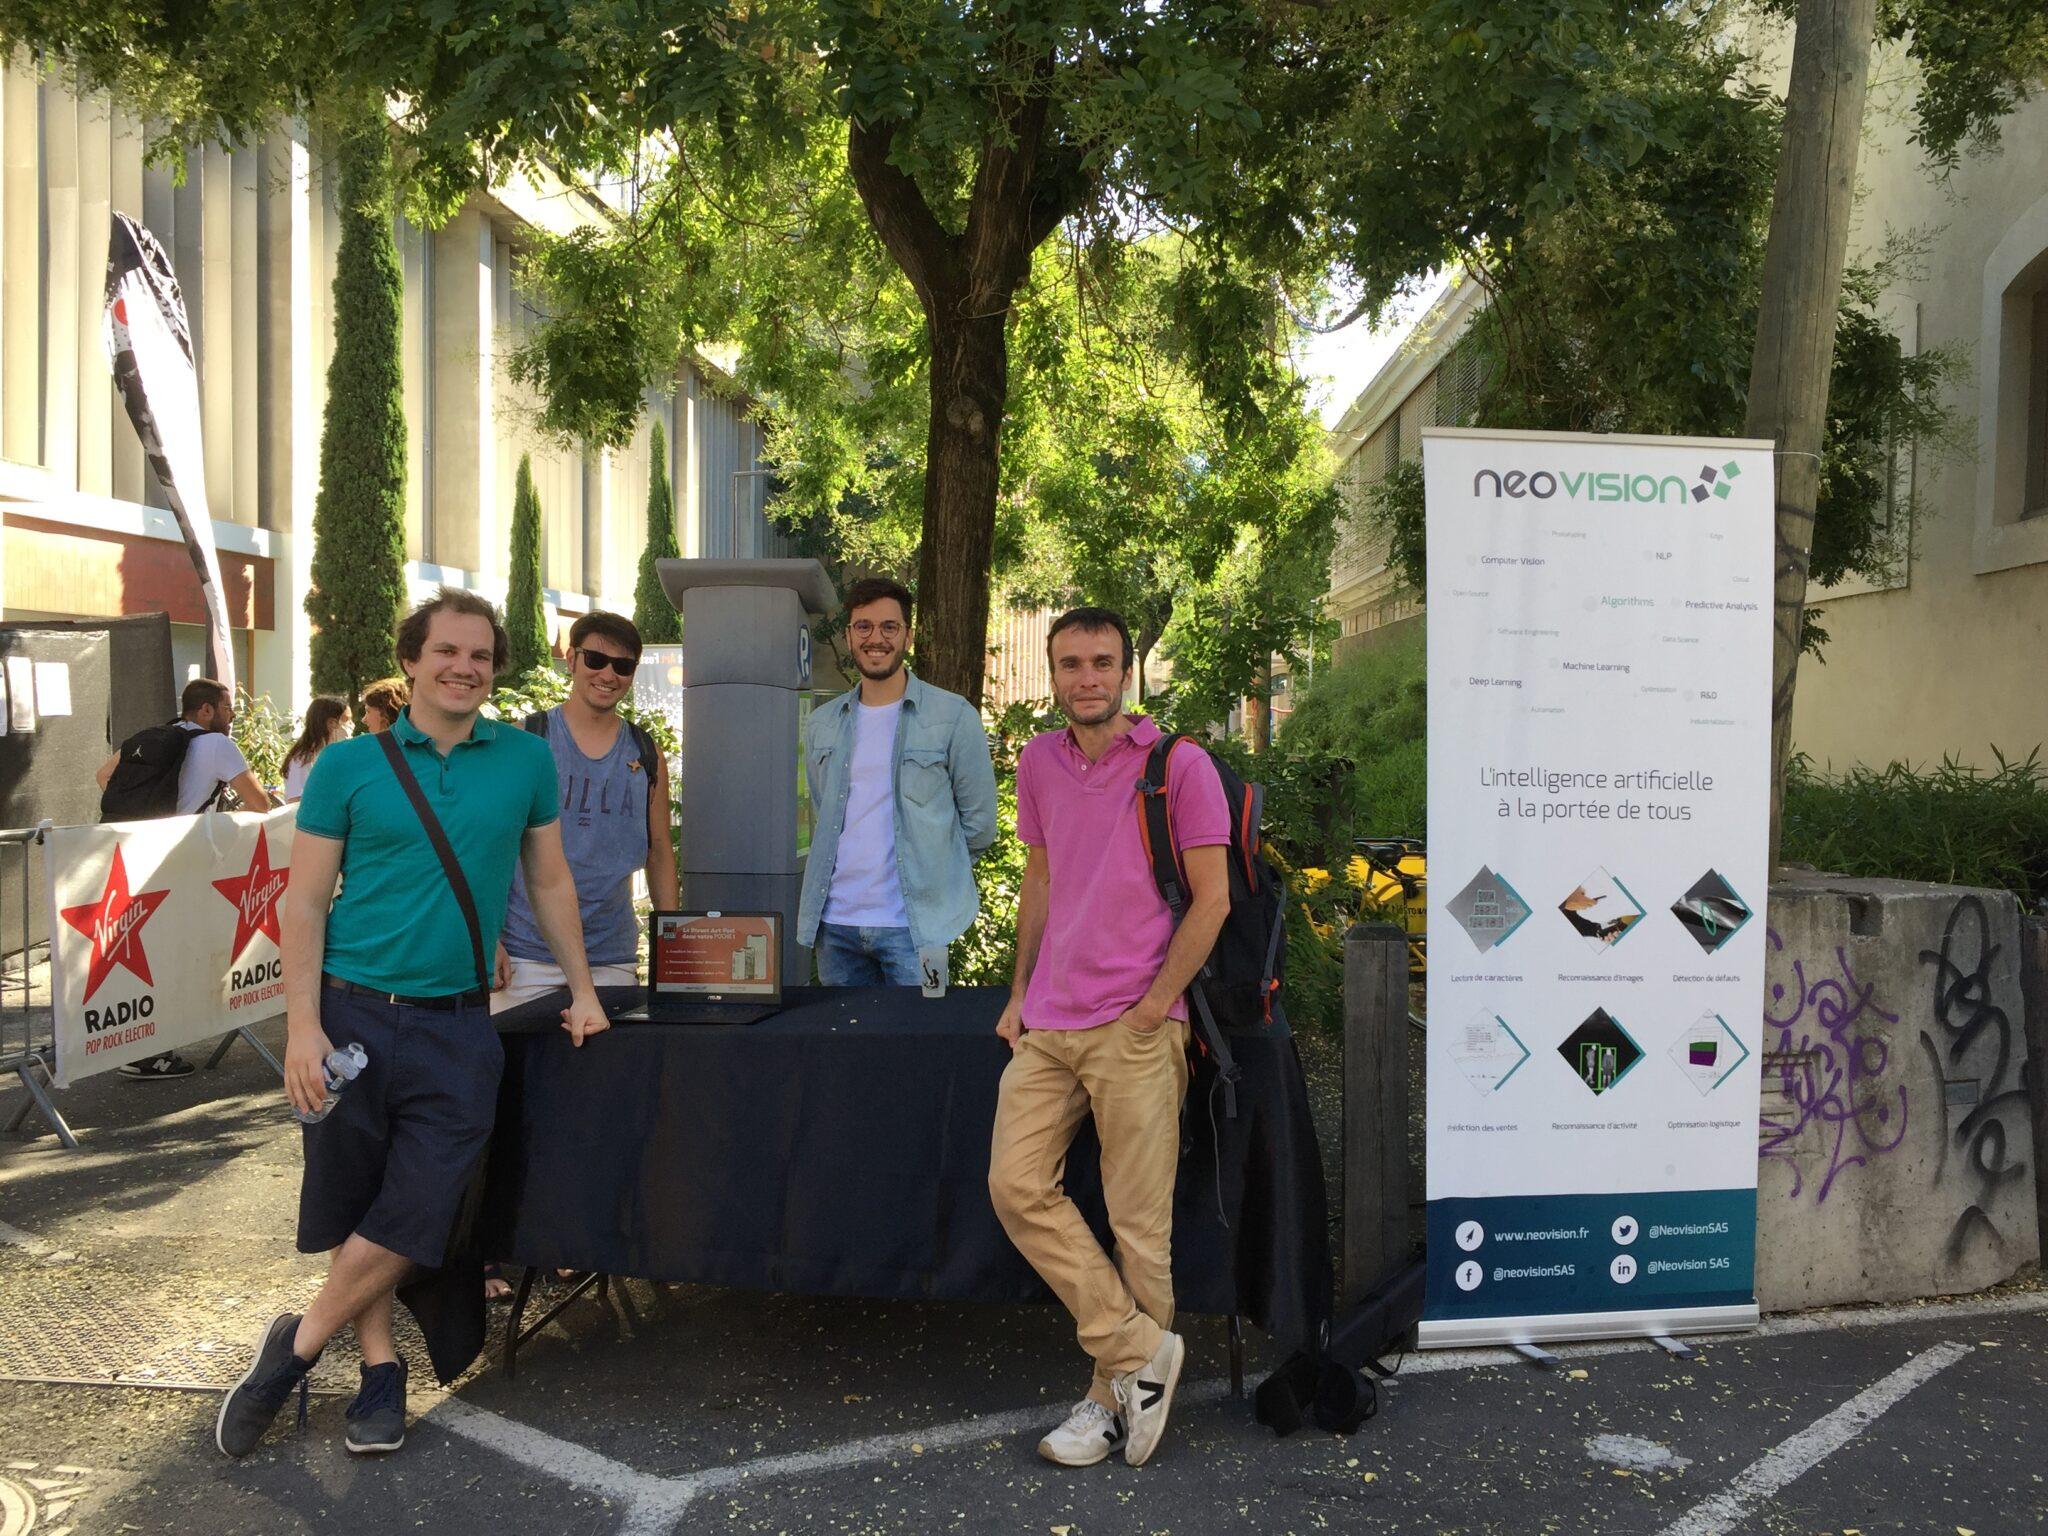 Quand les technologies viennent réinventer l'art: Graaly, Neovision et Enlaps partenaires du Grenoble Street Art Fest!